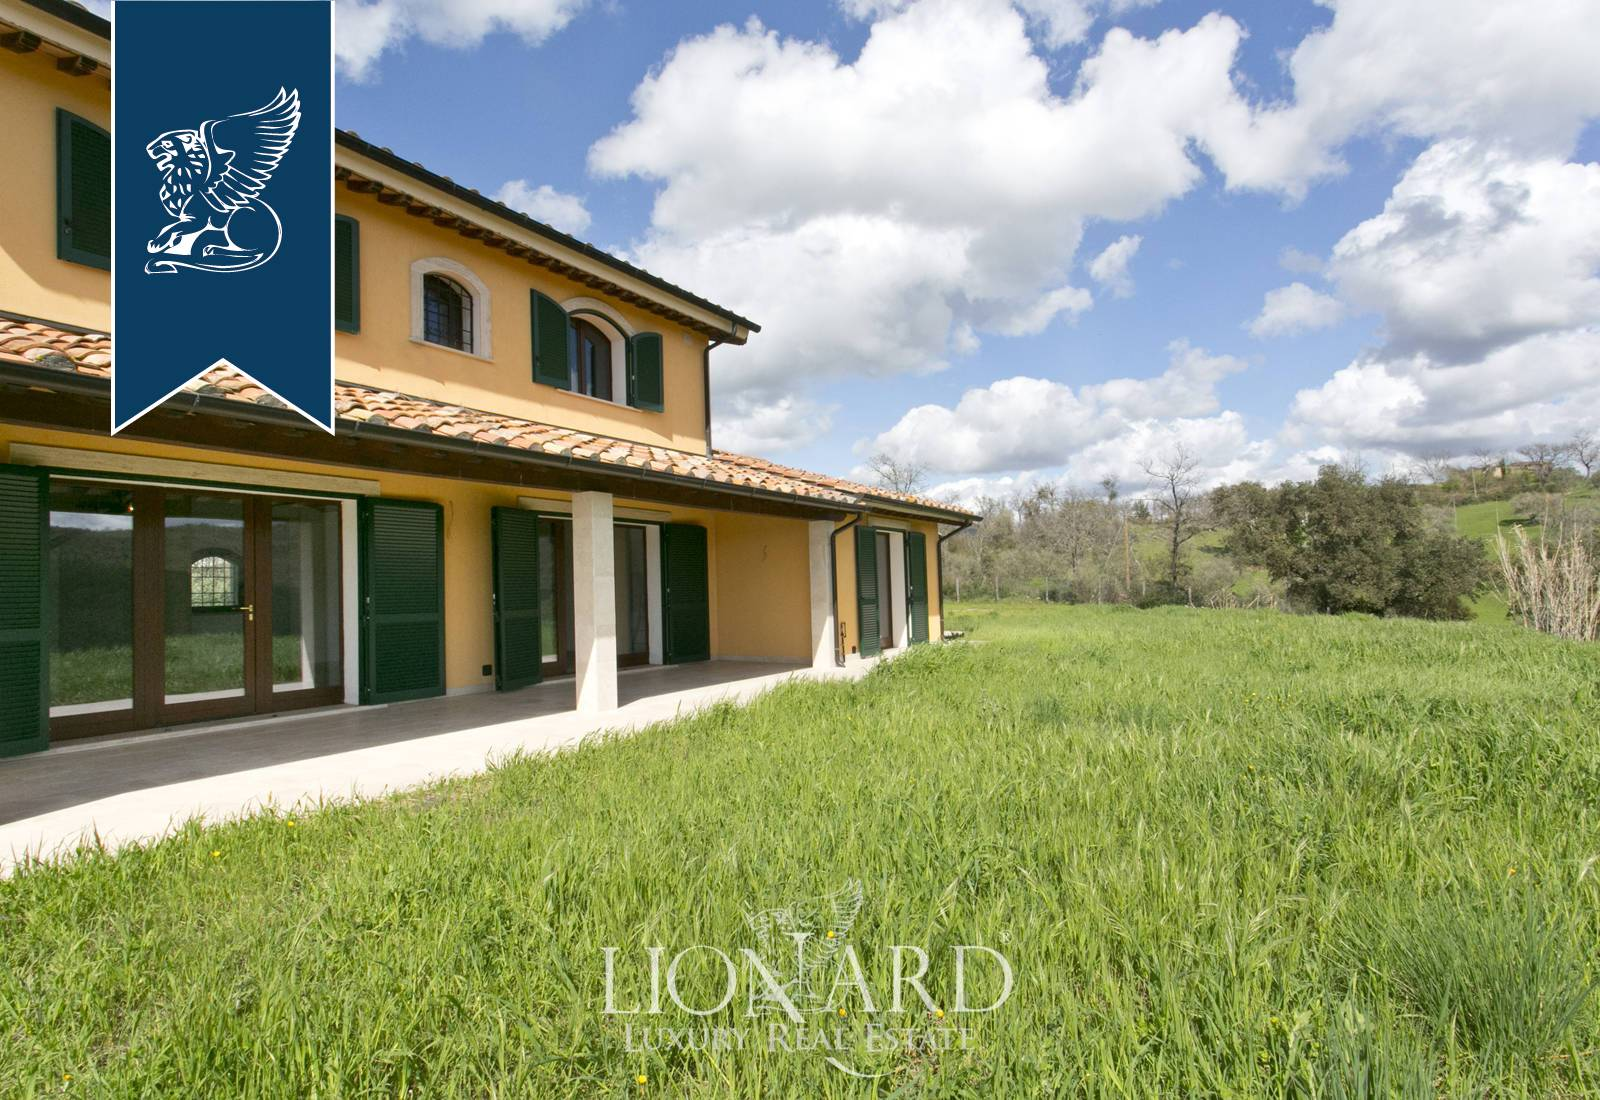 Villa in Vendita a Monterotondo Marittimo: 0 locali, 300 mq - Foto 7